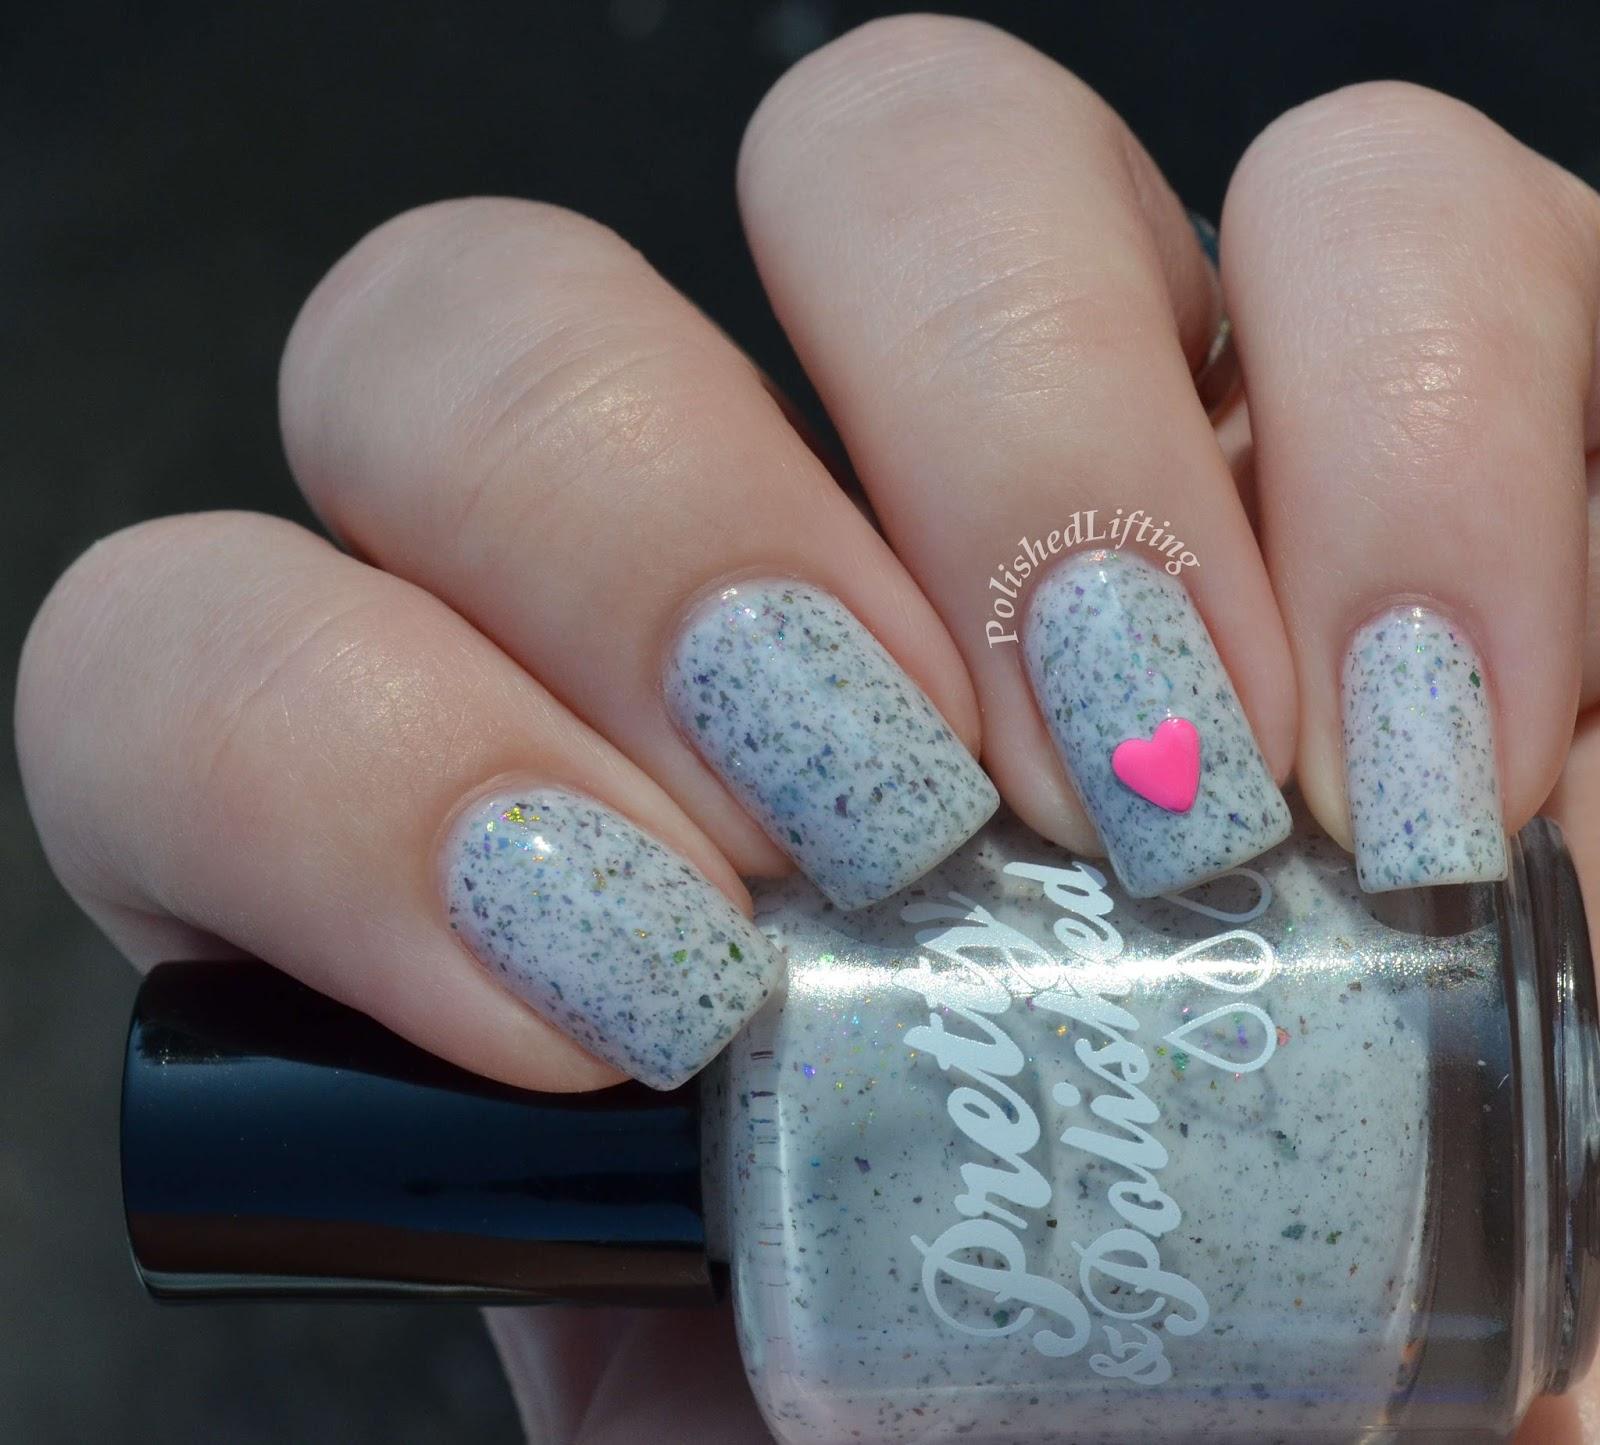 Pretty & Polished Maleficium Firecracker Lacquer neon nail stud hearts